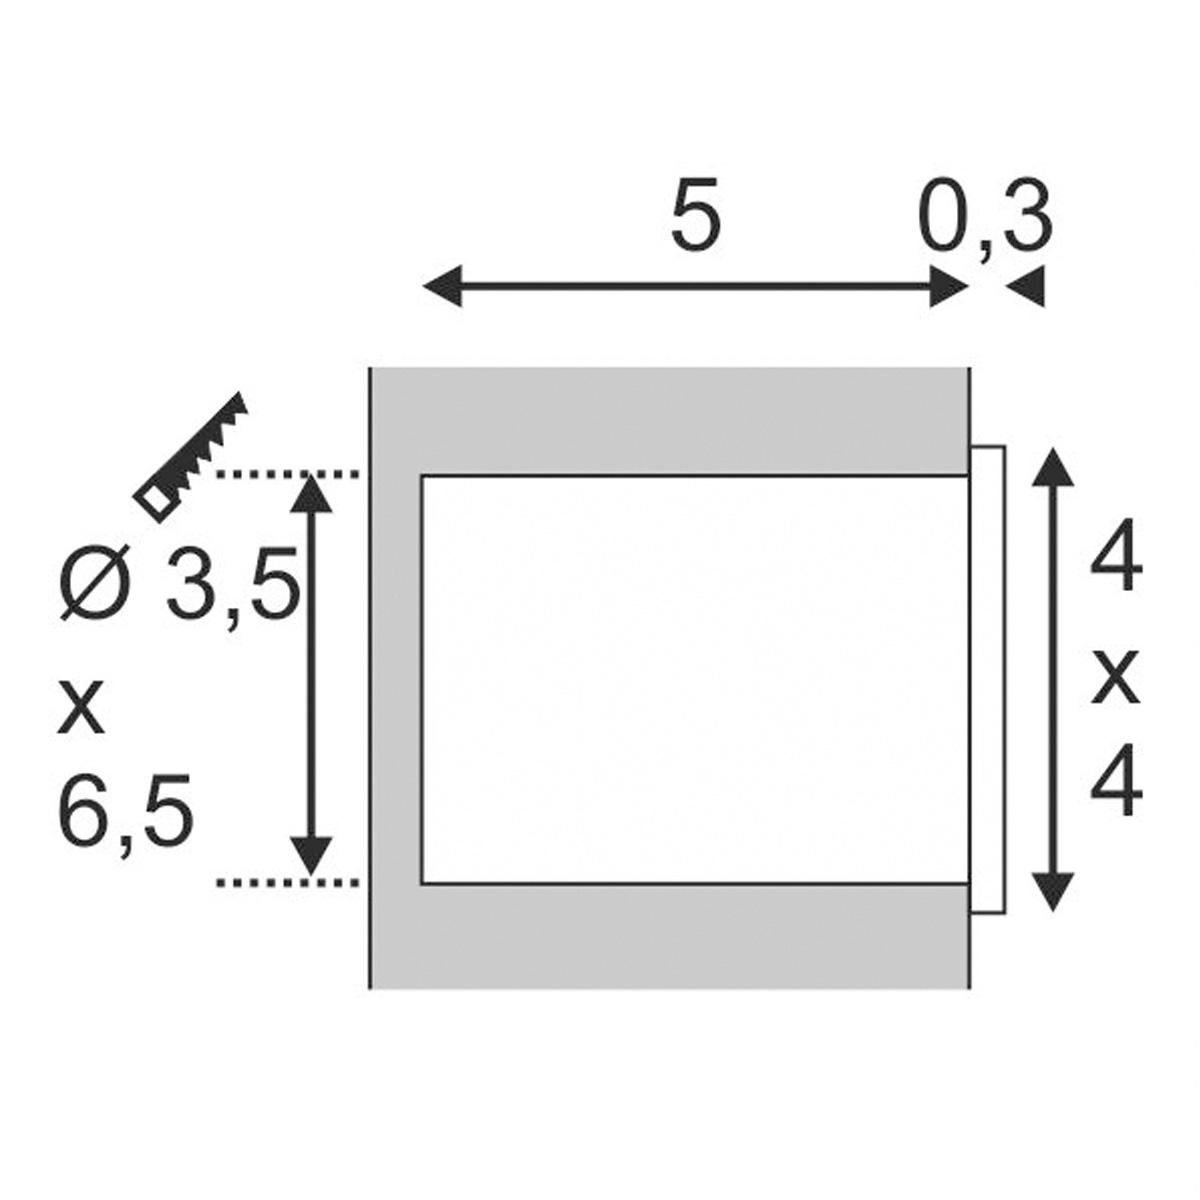 Koop Online Mini Frame Led Zilvergrijs 1xled 3500k 112712 311200